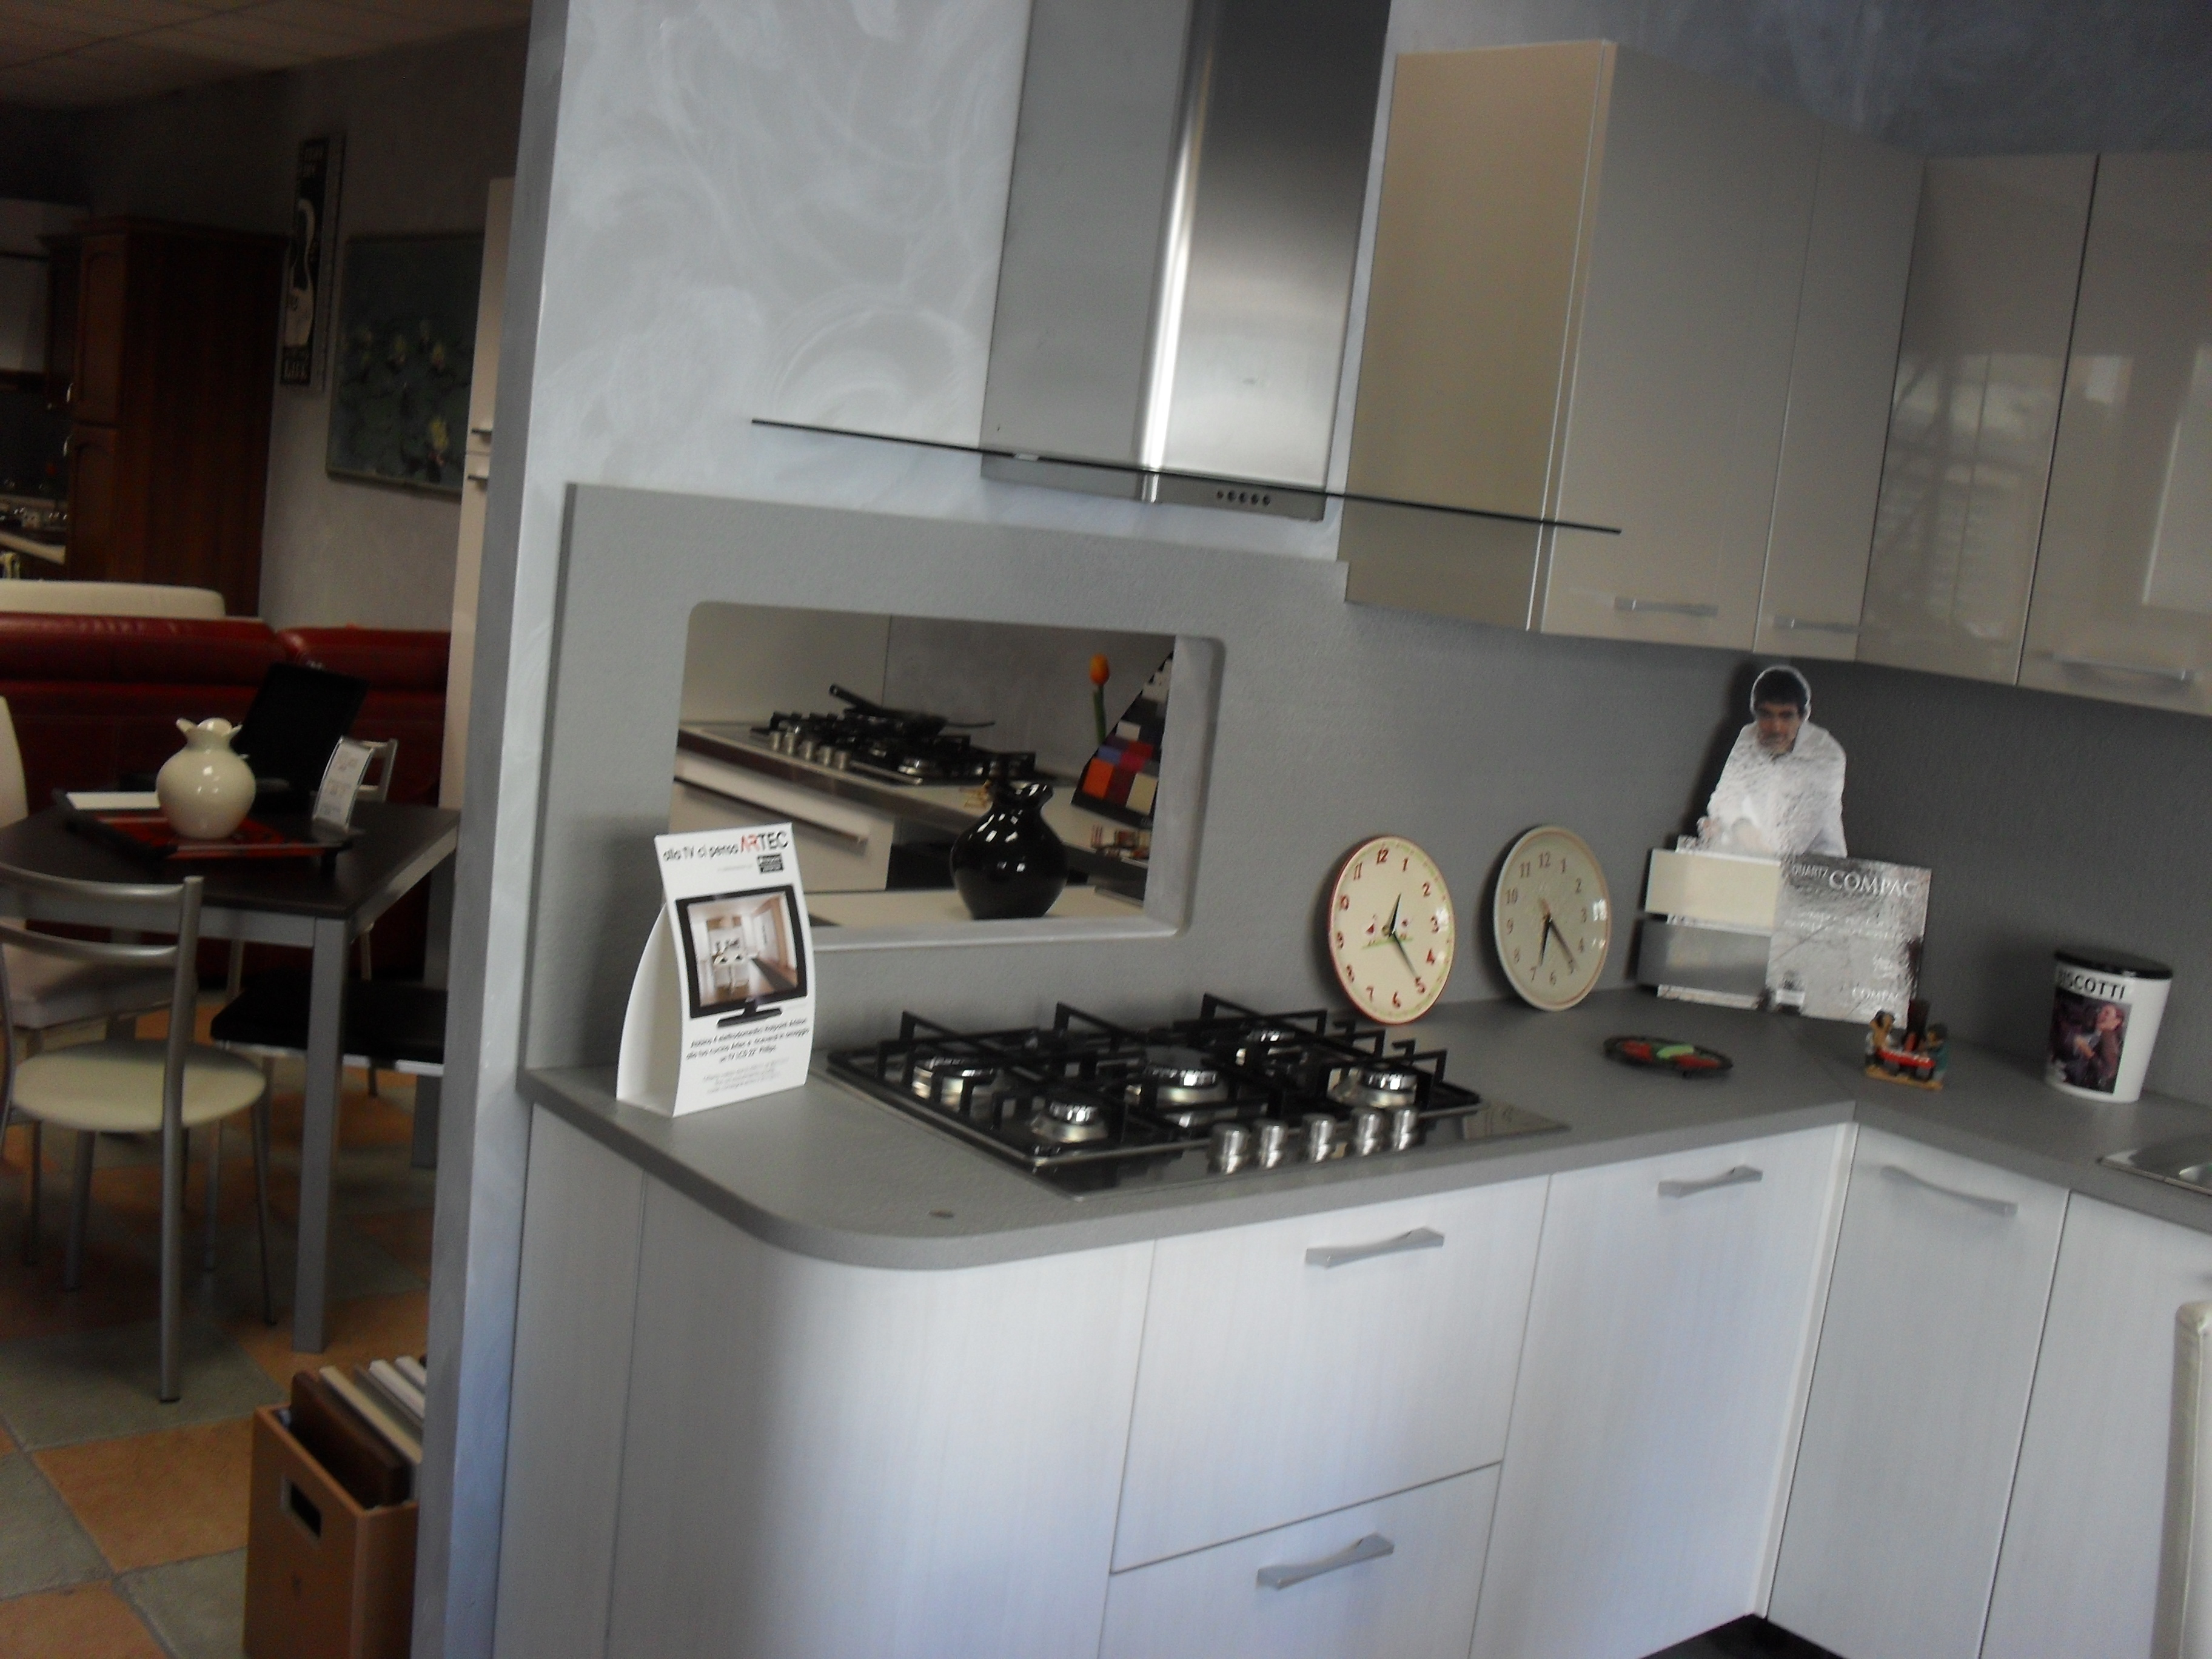 Cucina Ad Angolo Piccole Dimensioni | madgeweb.com idee di ...